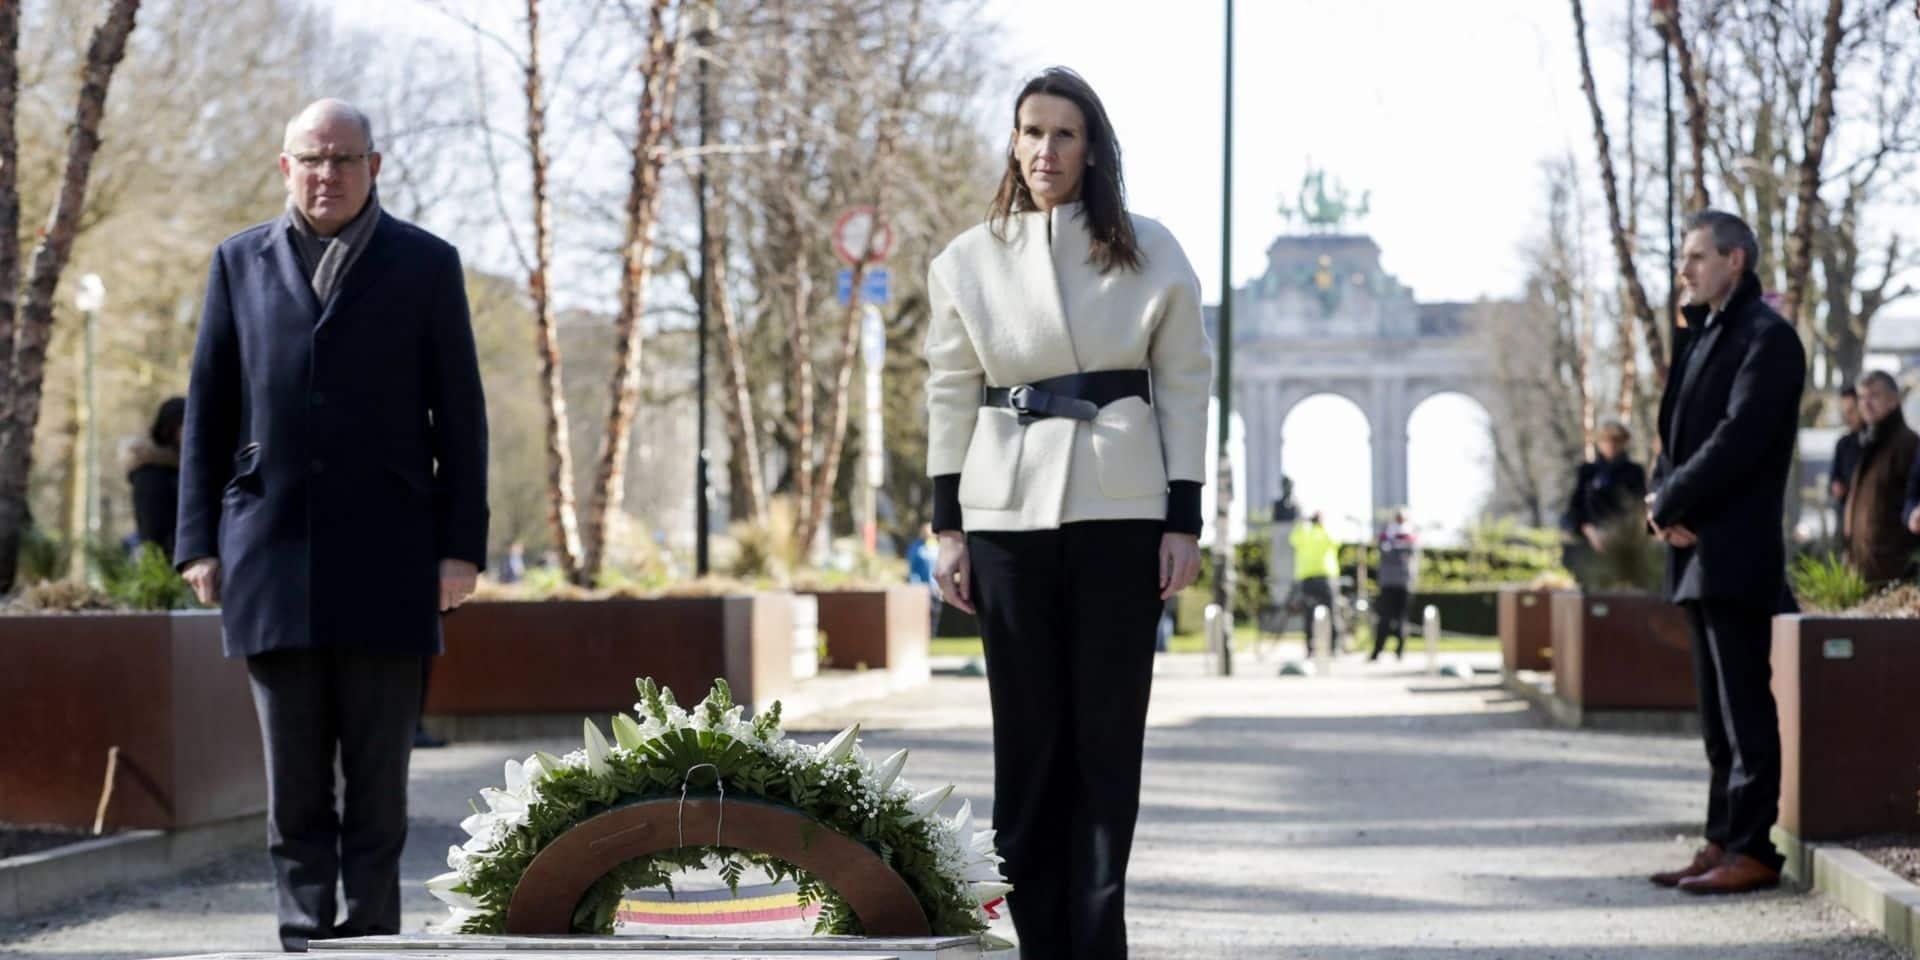 Attentats de Bruxelles: la Première Ministre Wilmès commémore les victimes d'attaques terroristes en cercle restreint